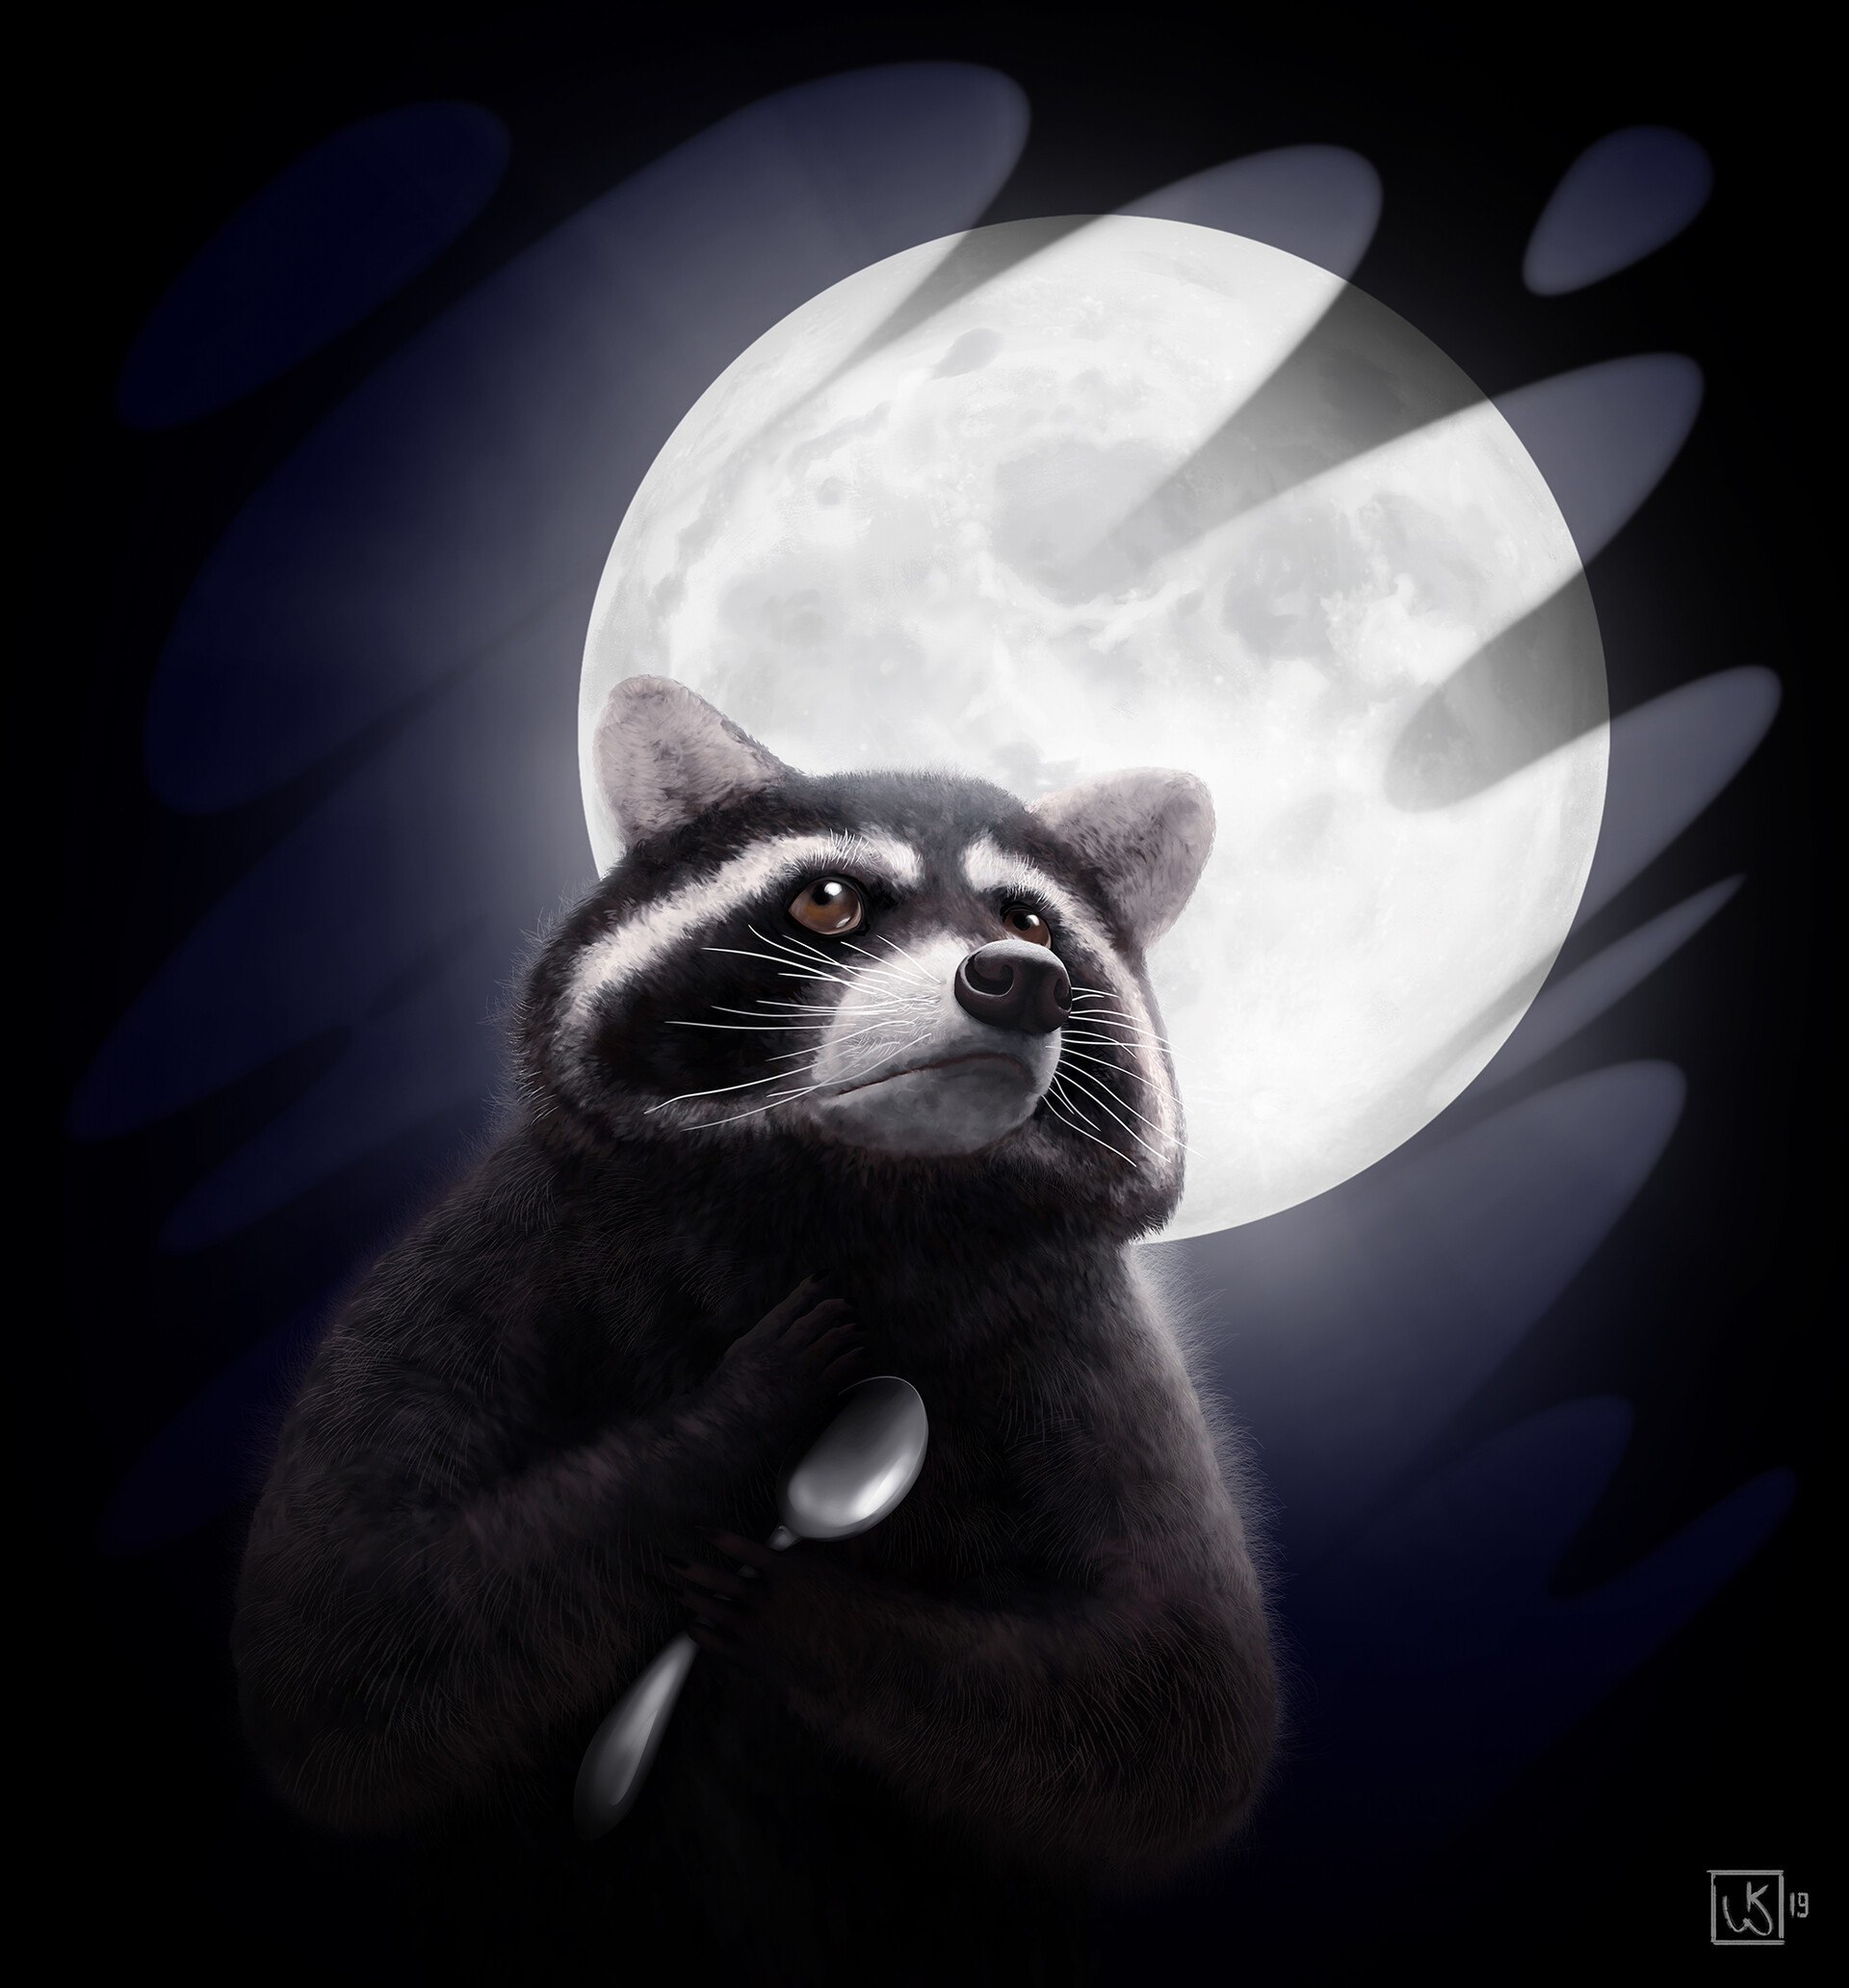 117007 Заставки и Обои Луна на телефон. Скачать Луна, Арт, Забавный, Ложка, Енот картинки бесплатно